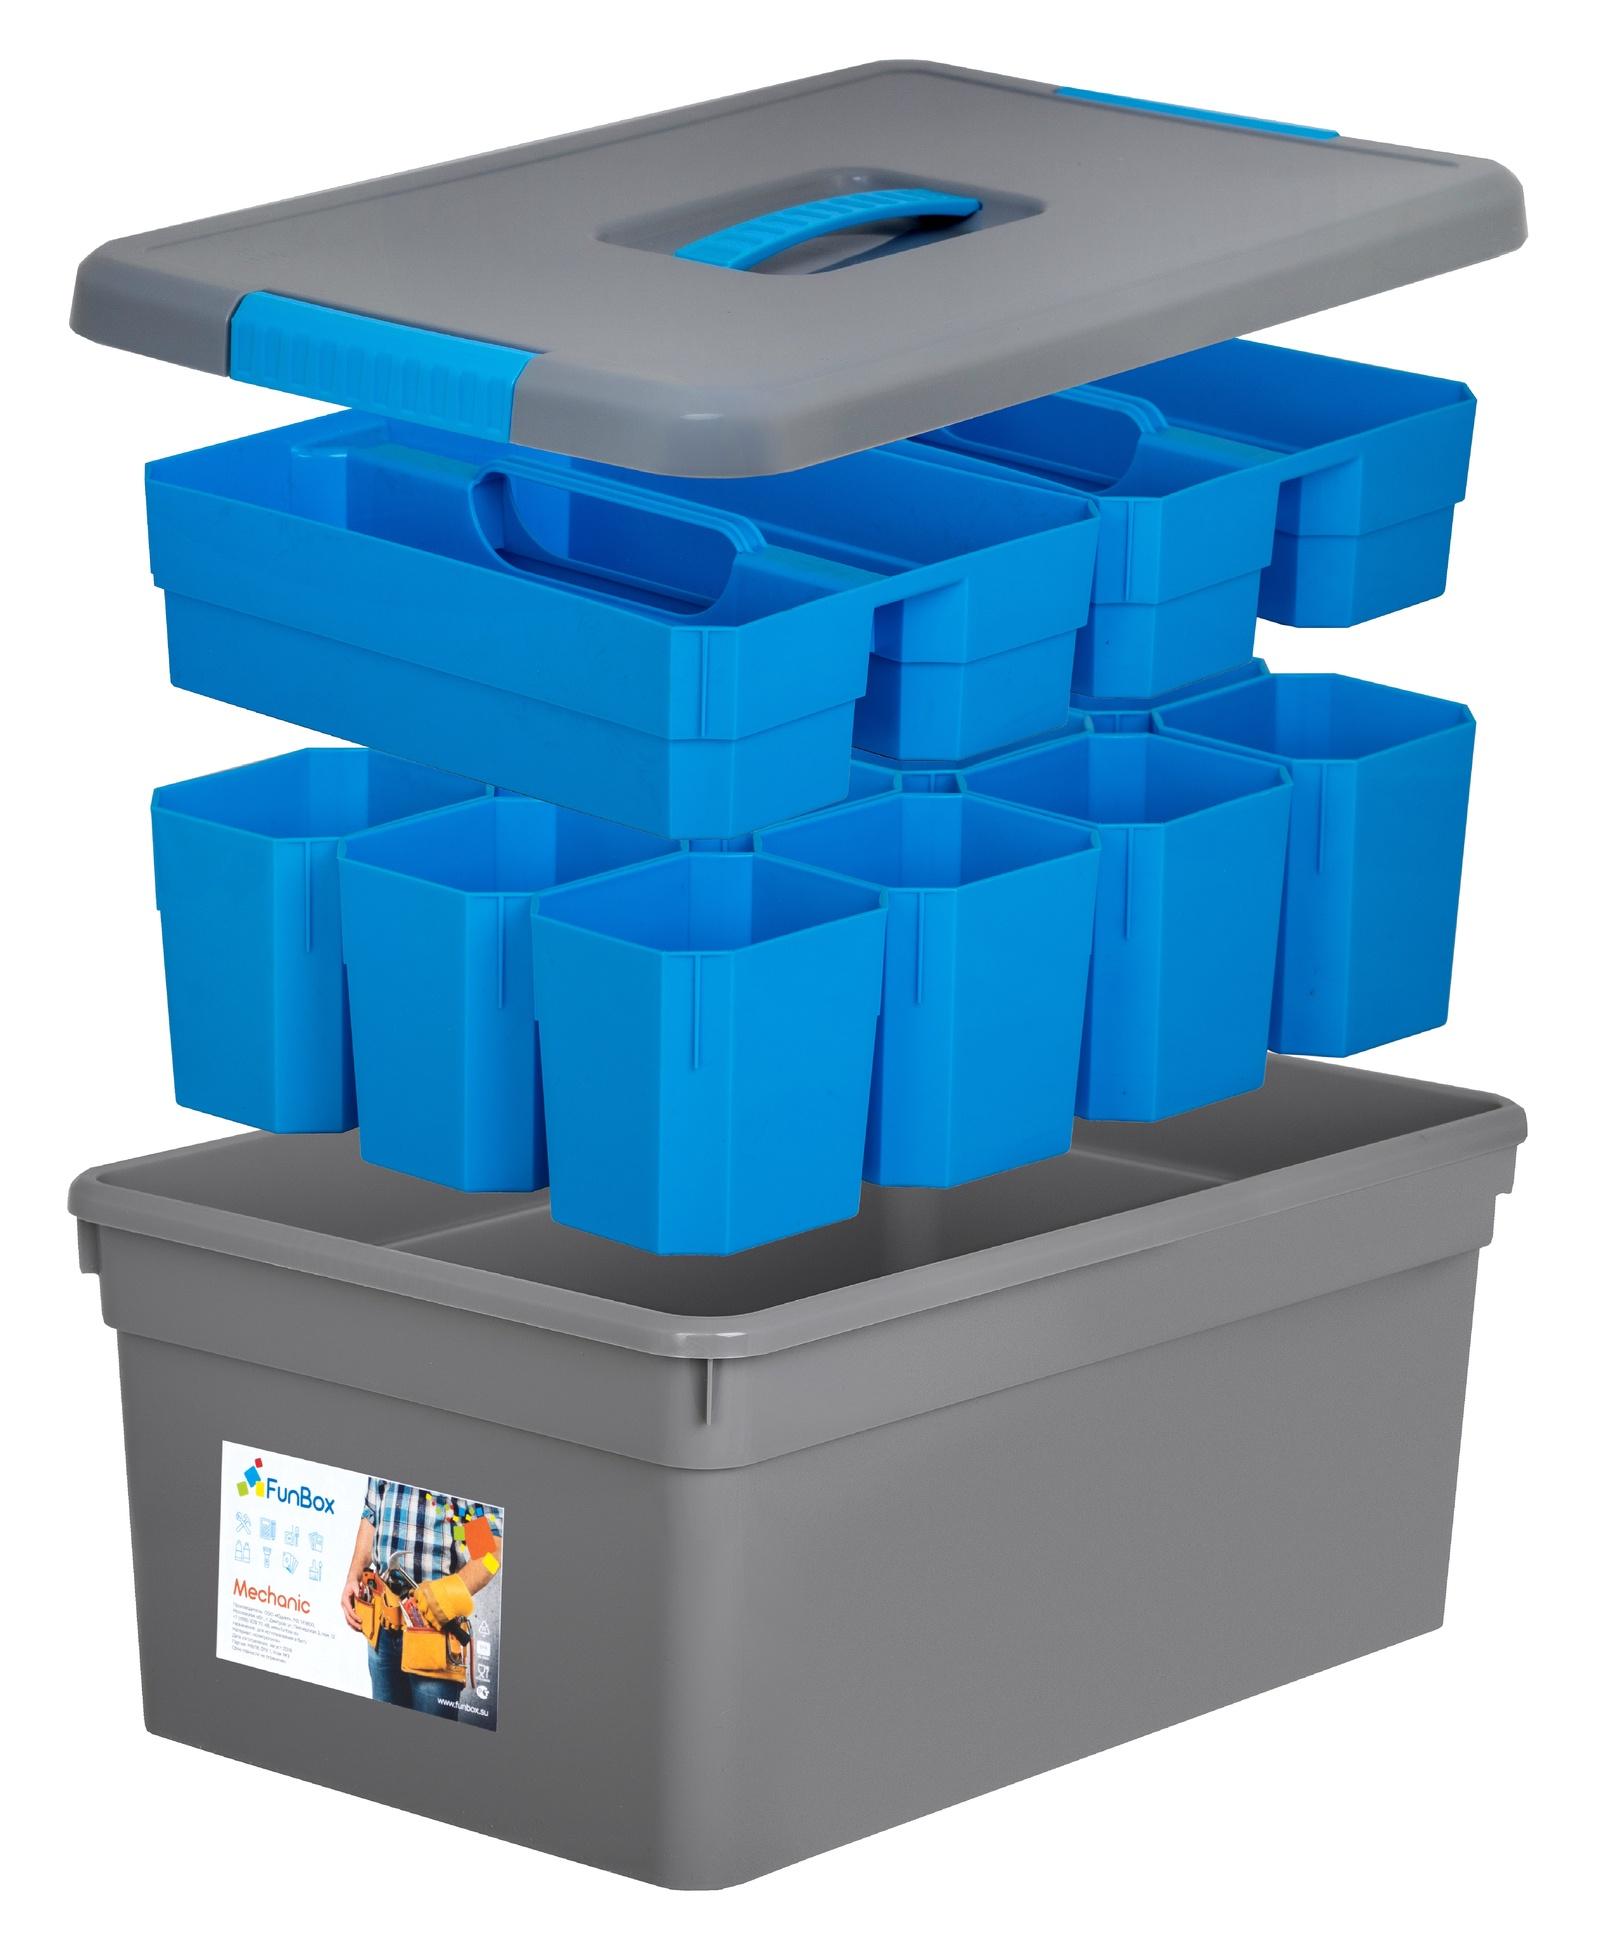 Ящик для инструментов FunBox Органайзер 10 литров, Полипропилен